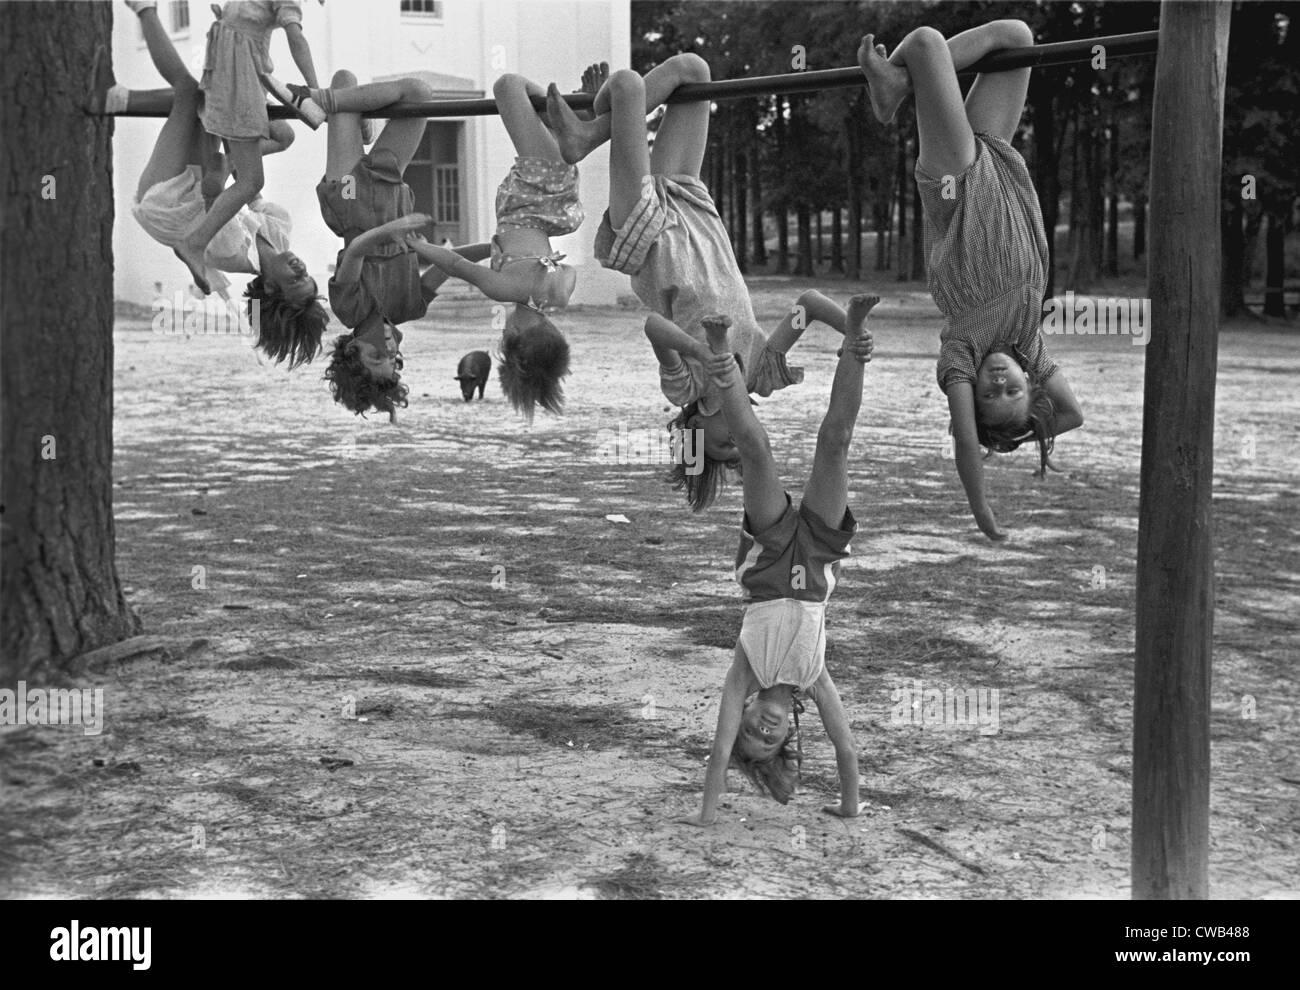 Bambini che giocano in un parco giochi, scuola Irwinville, Georgia, fotografia di John Vachon, maggio 1938. Immagini Stock